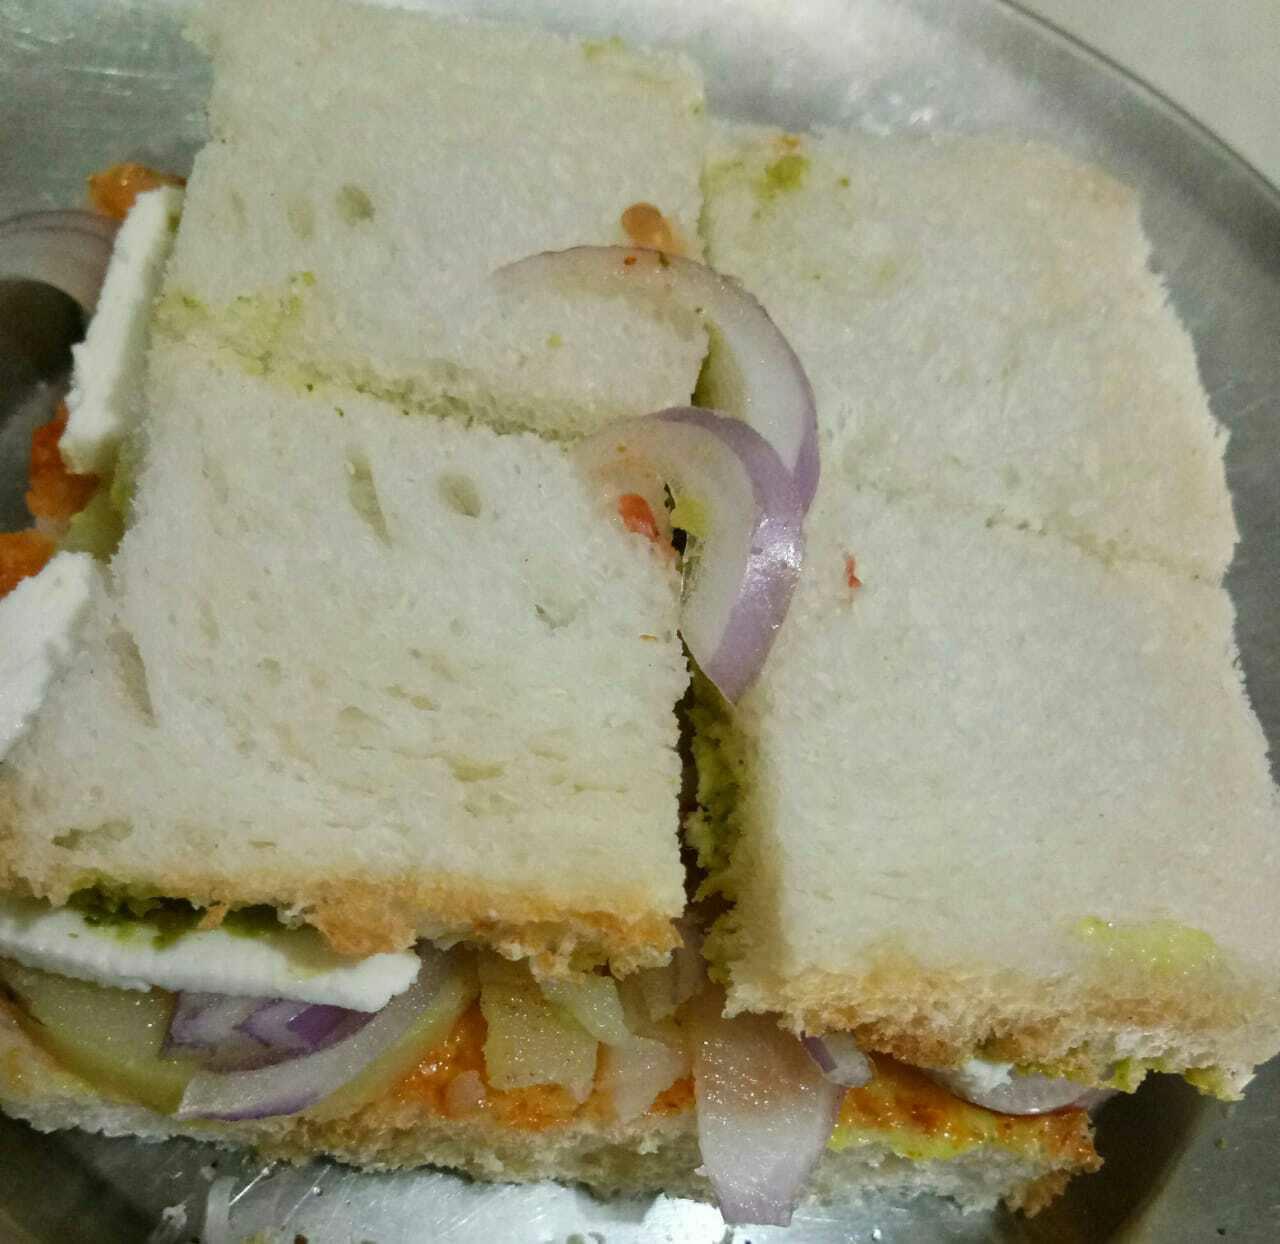 Chilled Sandwich